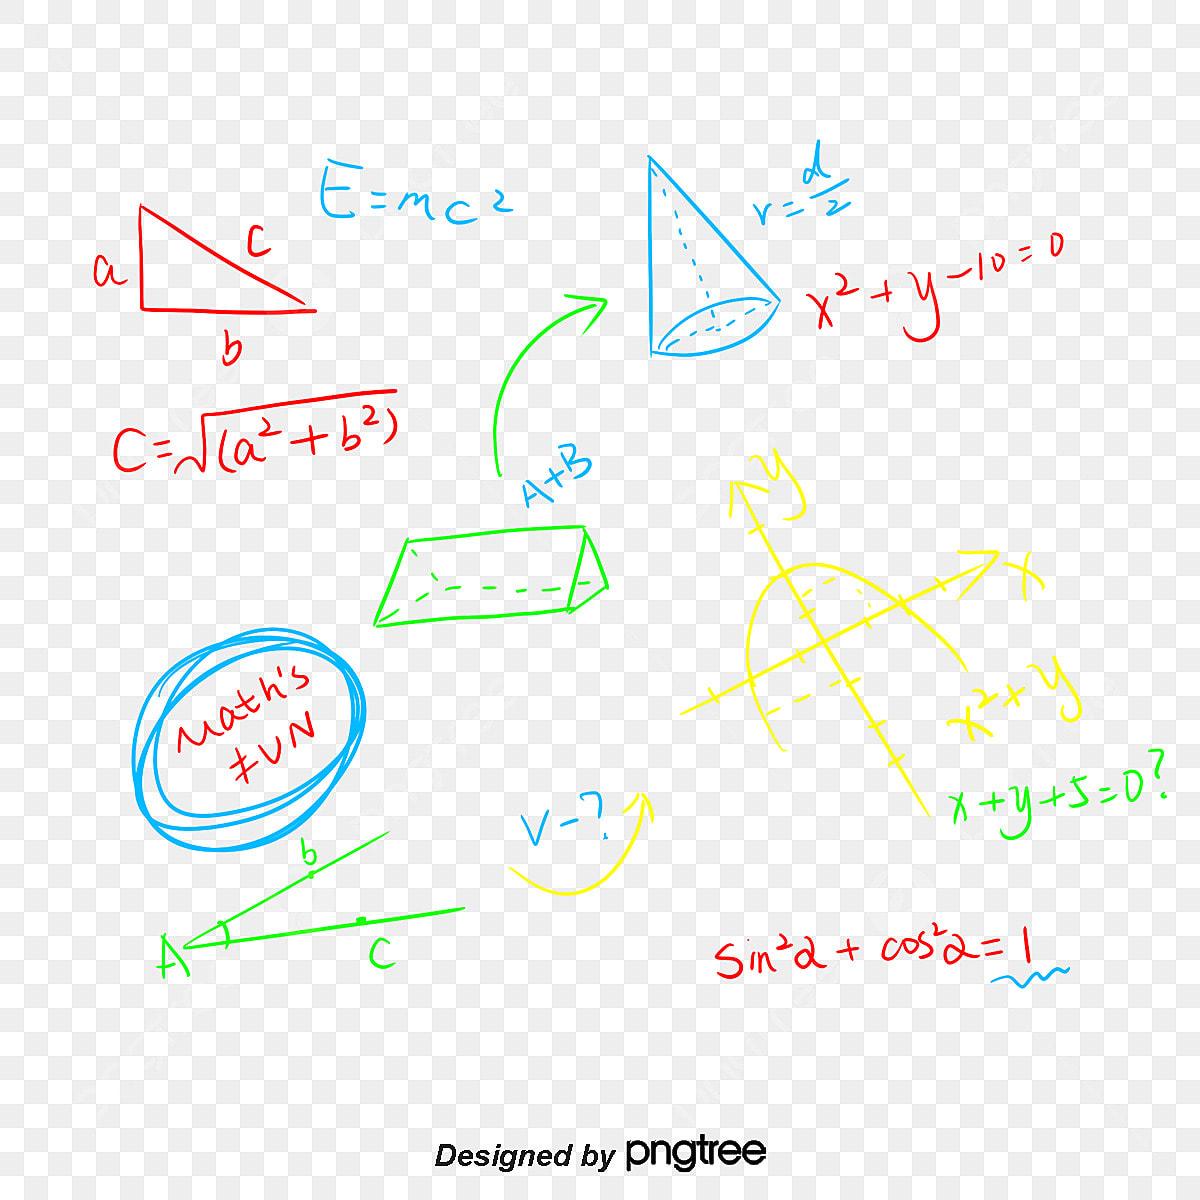 手書きの数式 ベクトルpng 数学クラス 数式画像とpsd素材ファイルの無料ダウンロード Pngtree